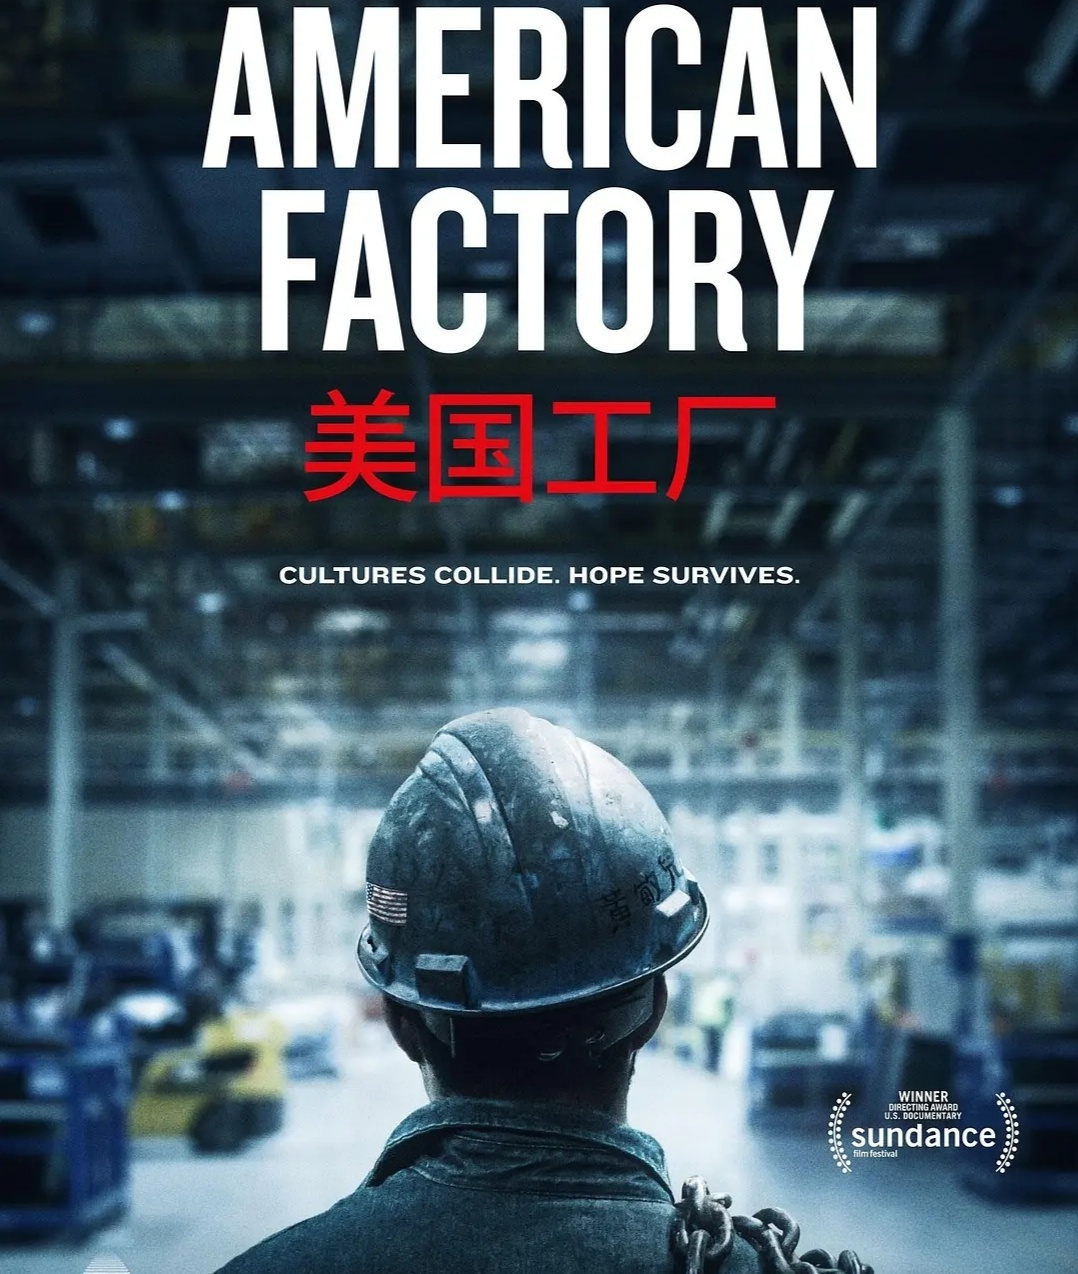 中国老板与美国工人的血泪史,这部8.4分的跨文化电影不该被埋没